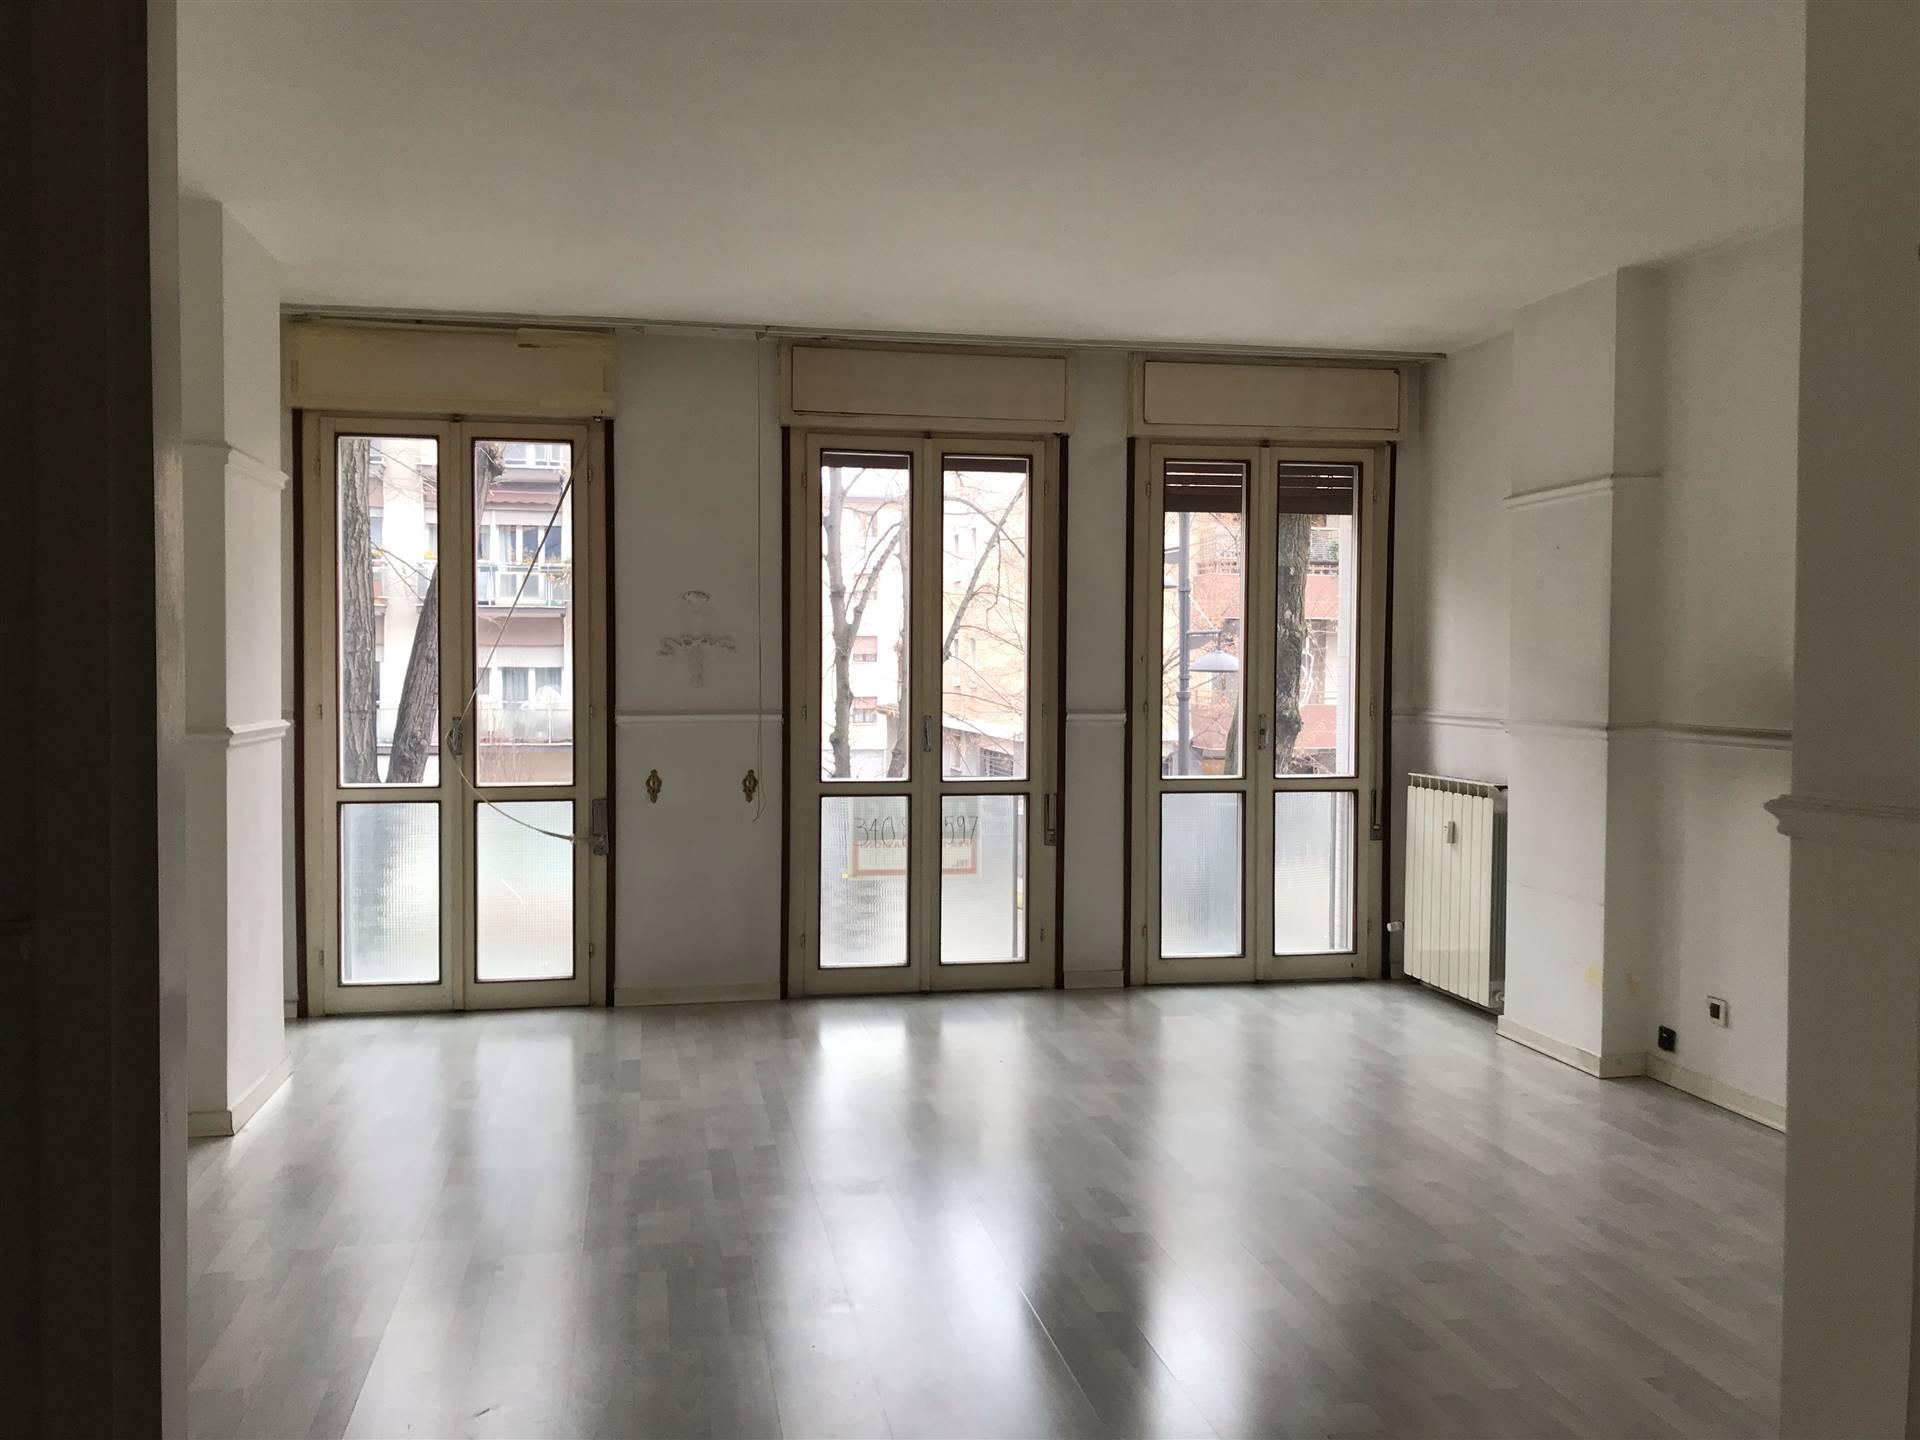 Mestre centrale primo Viale Garibaldi proponiamo appartamento di 130 mq in condominio ascensorato. L'immobile è composto da ingresso, cucina, ampio